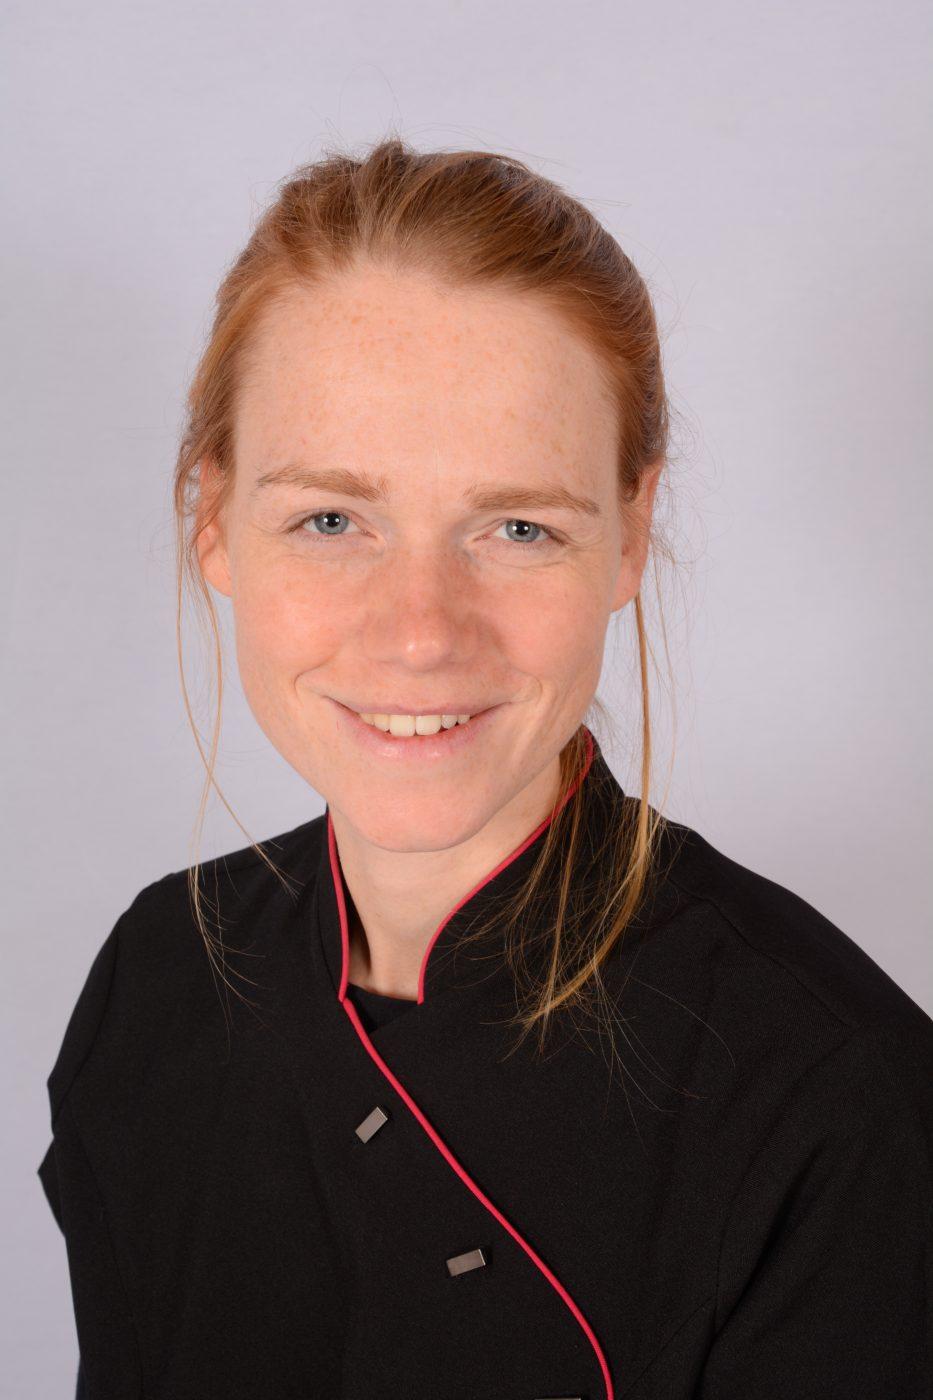 Rosie Watts